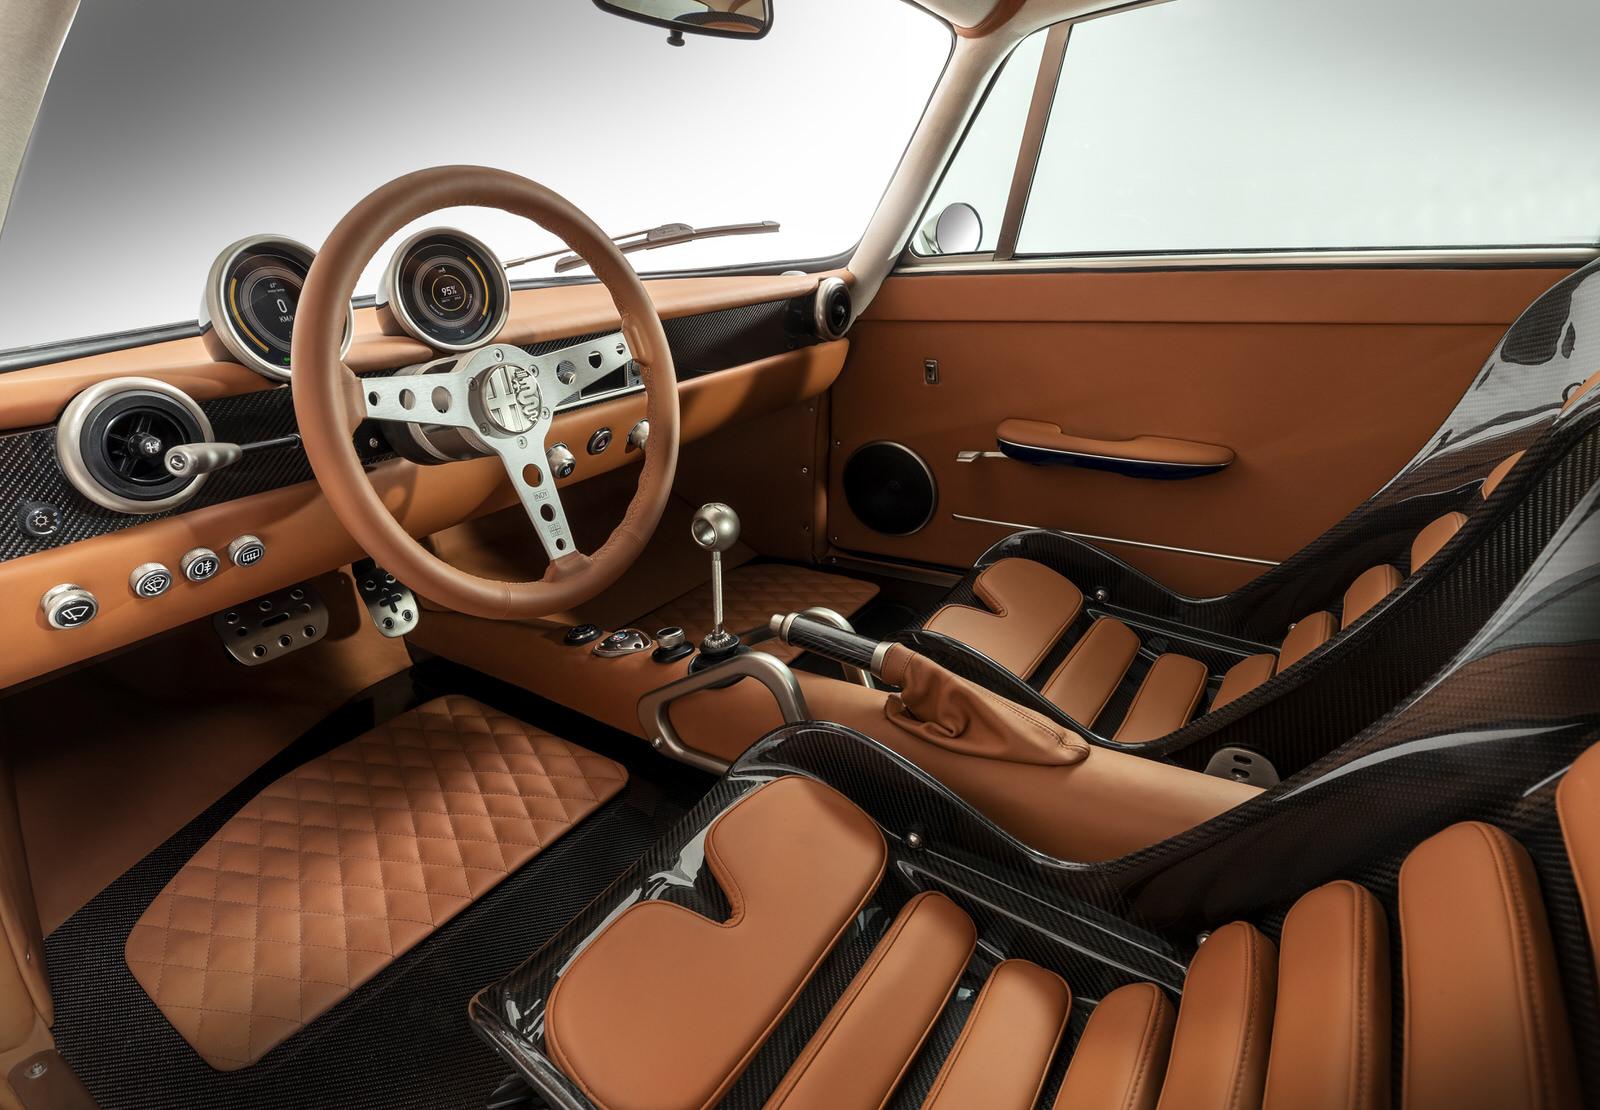 Totem Automobili interior